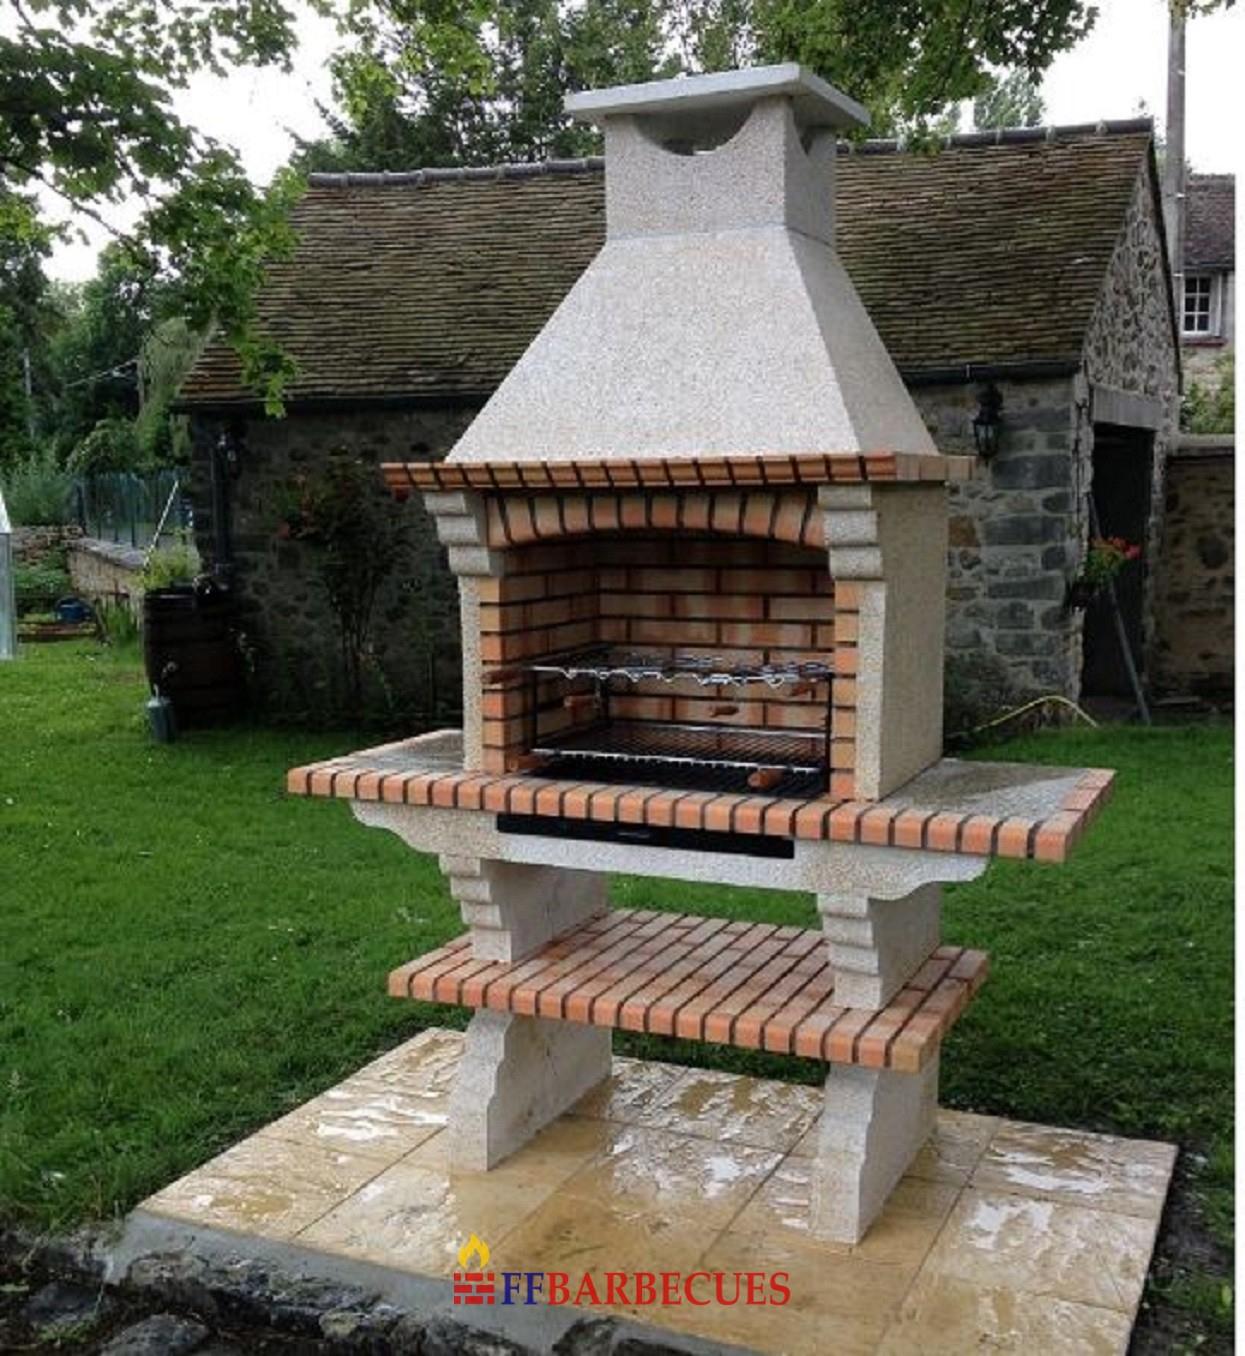 Barbecue Fixe Exterieur En Pierre Et Brique Refractaire Ff200-F concernant Barbecue De Jardin En Brique